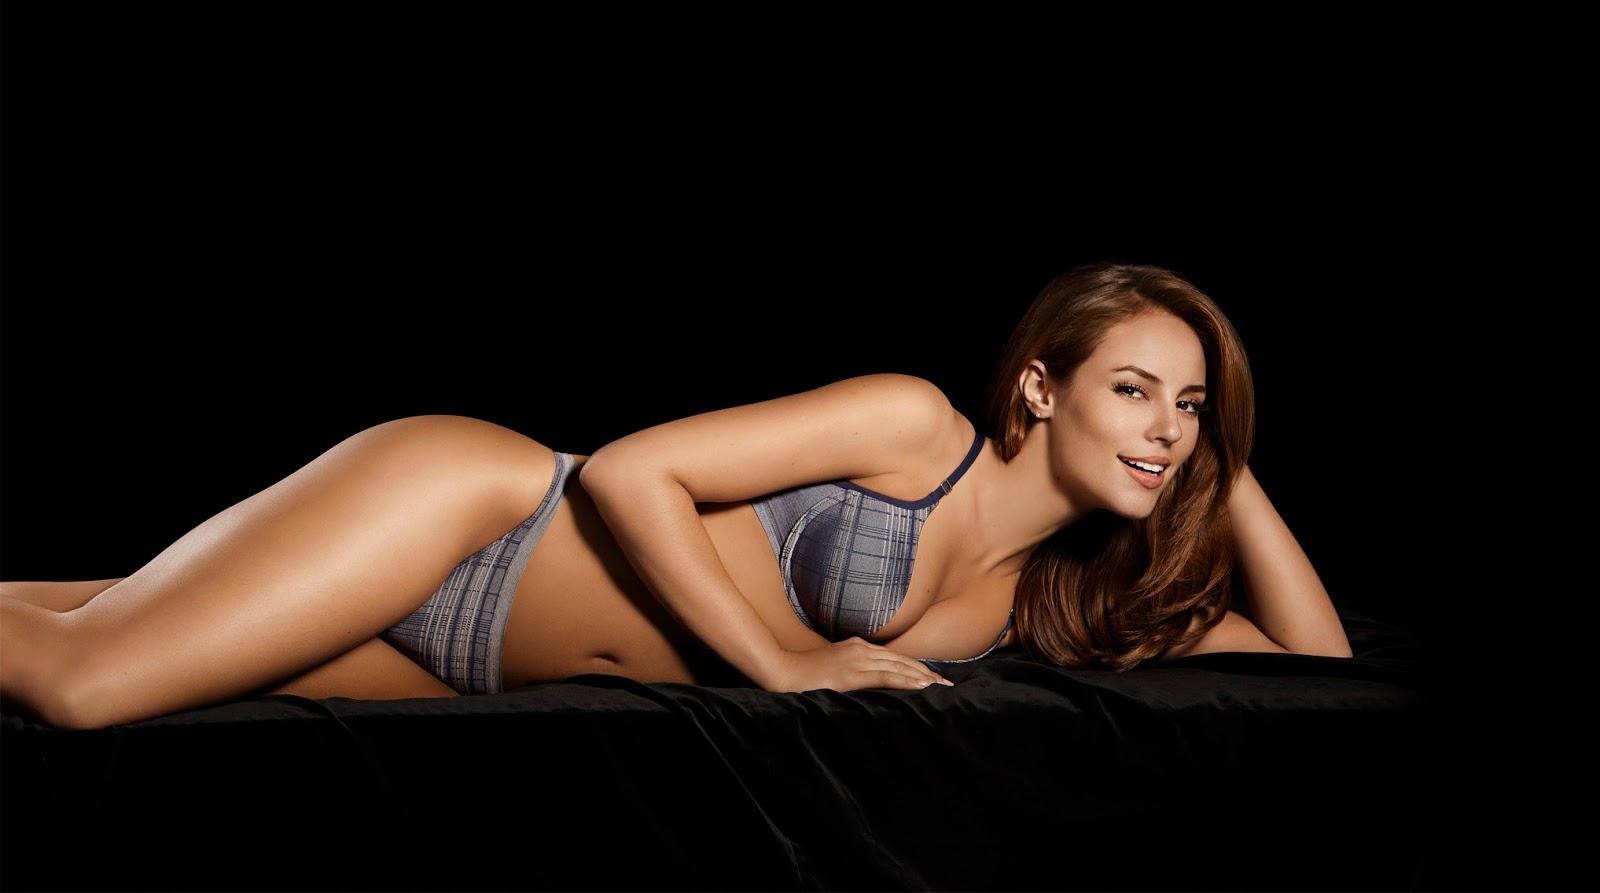 Hot Paolla Oliveira nude (85 photos), Paparazzi